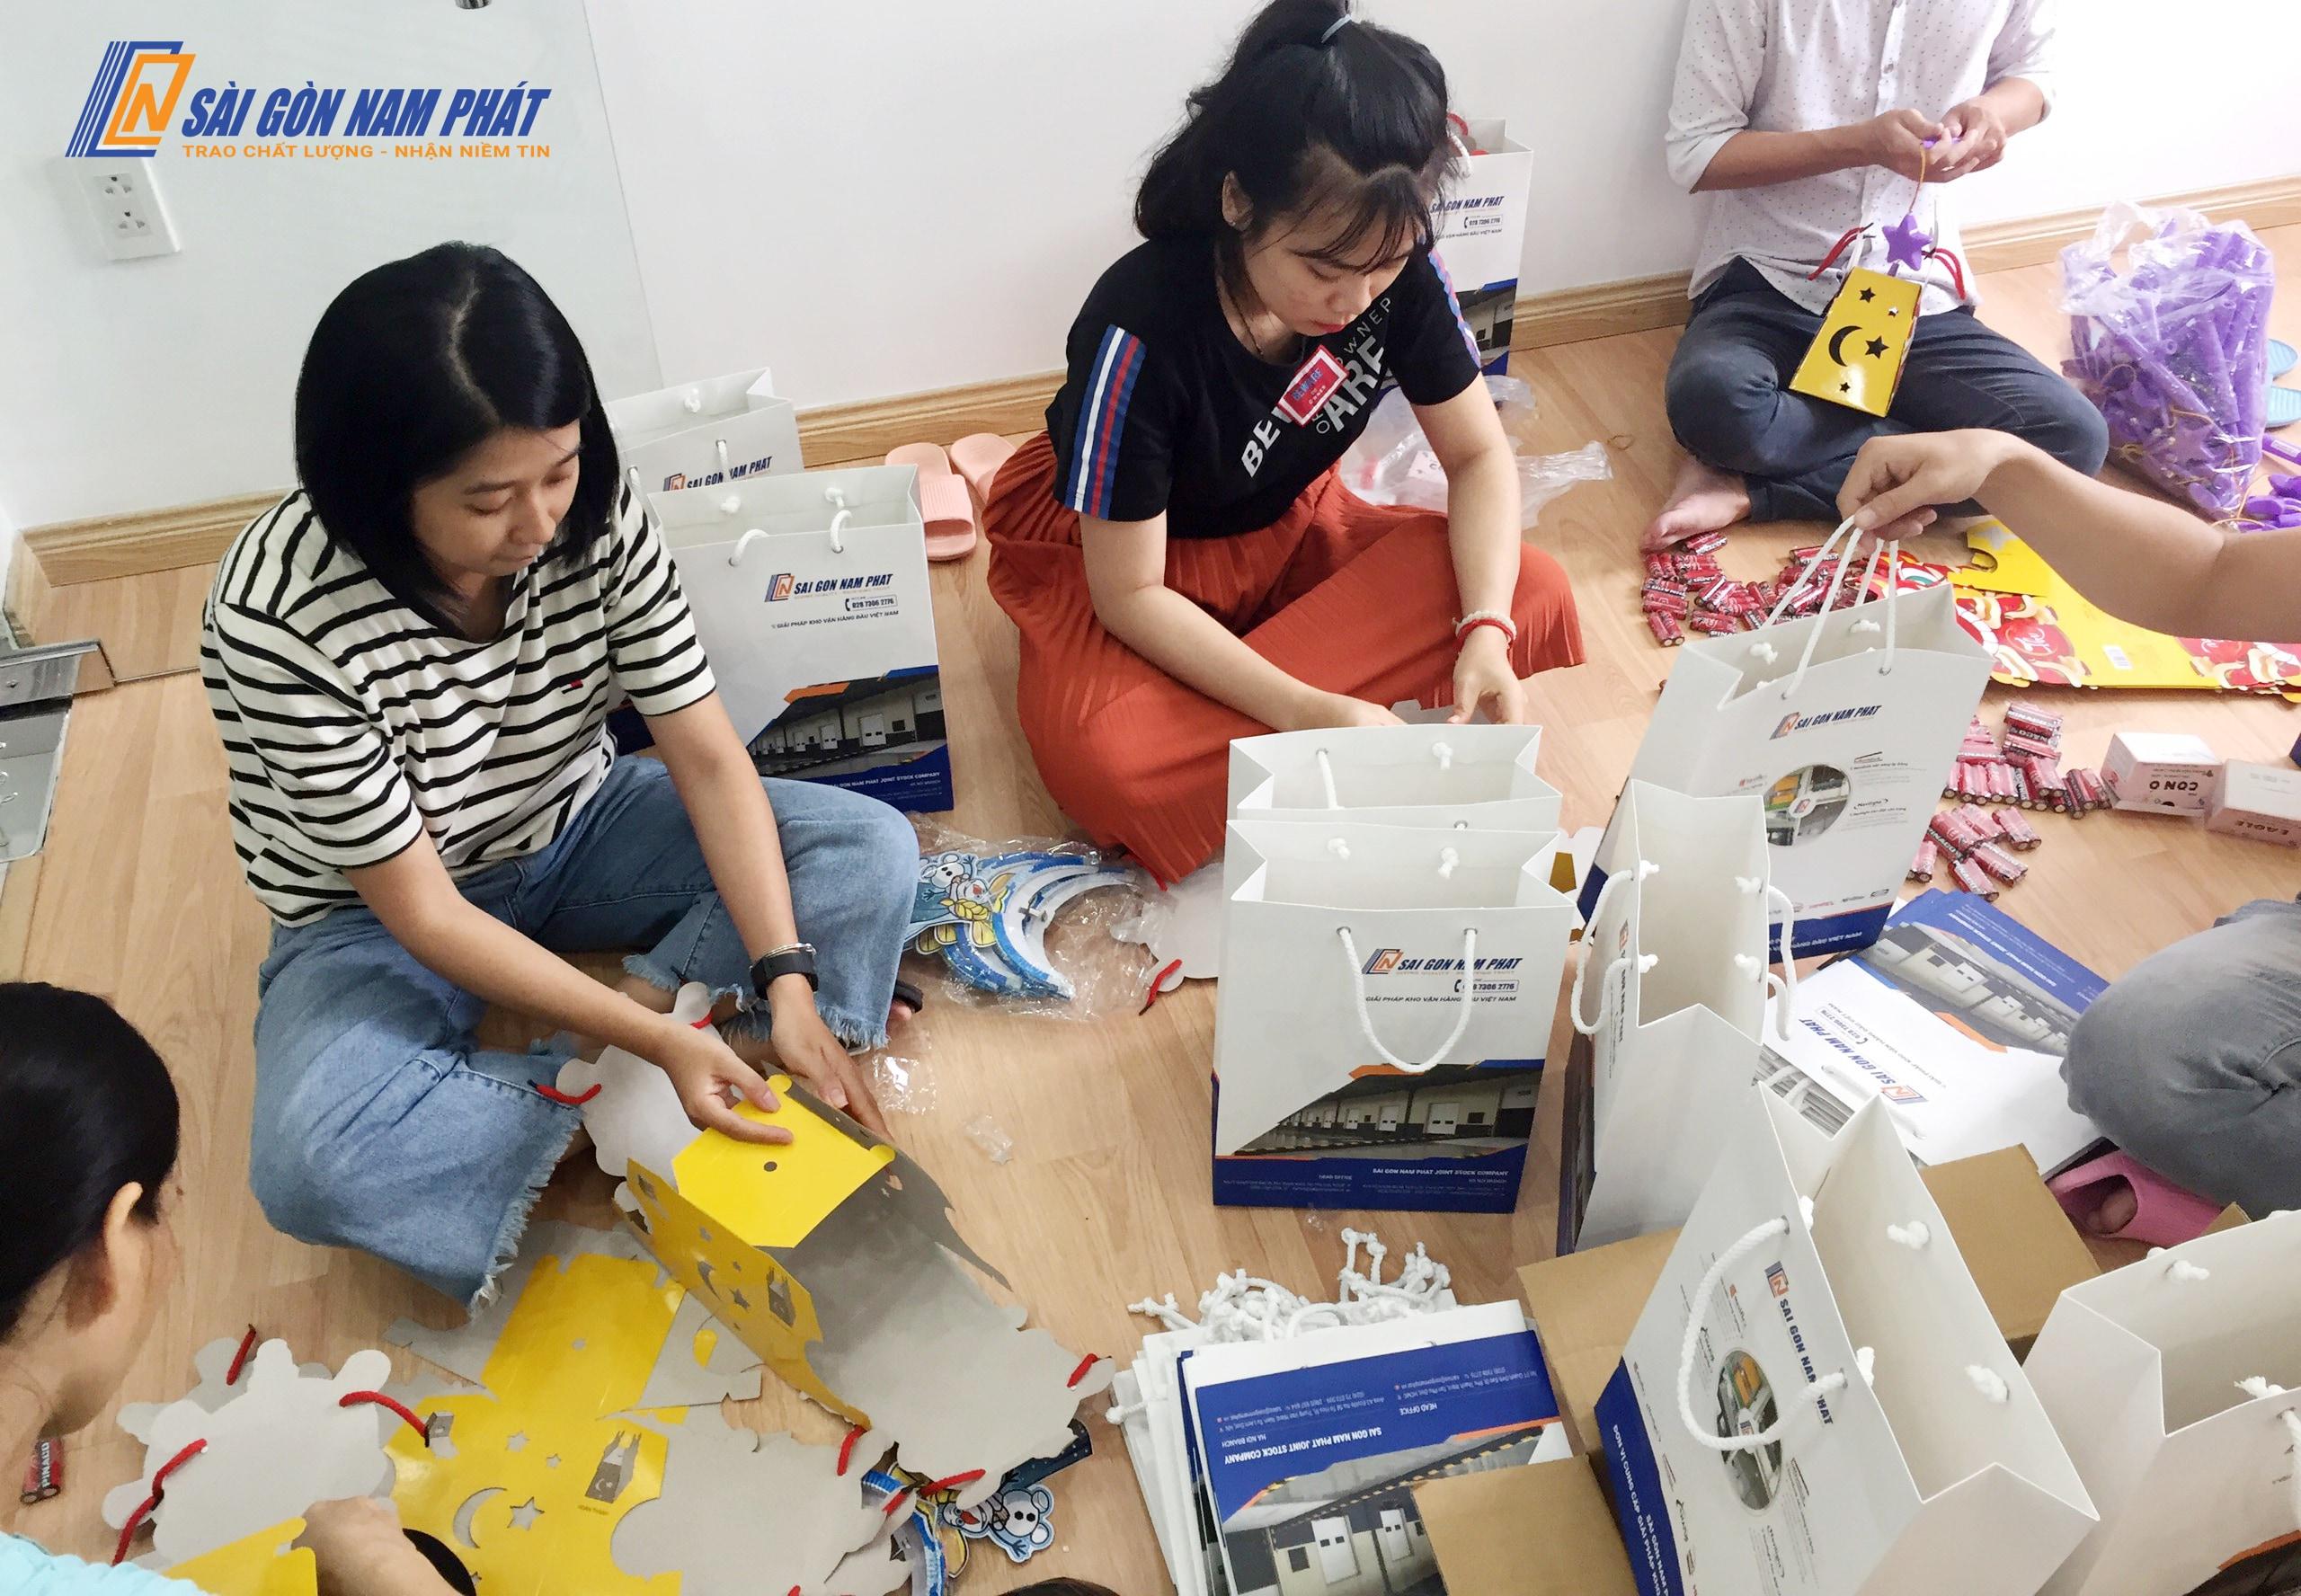 Các thành viên làm việc rất hăng say để hoàn thành những phần quà nhanh chóng nhất